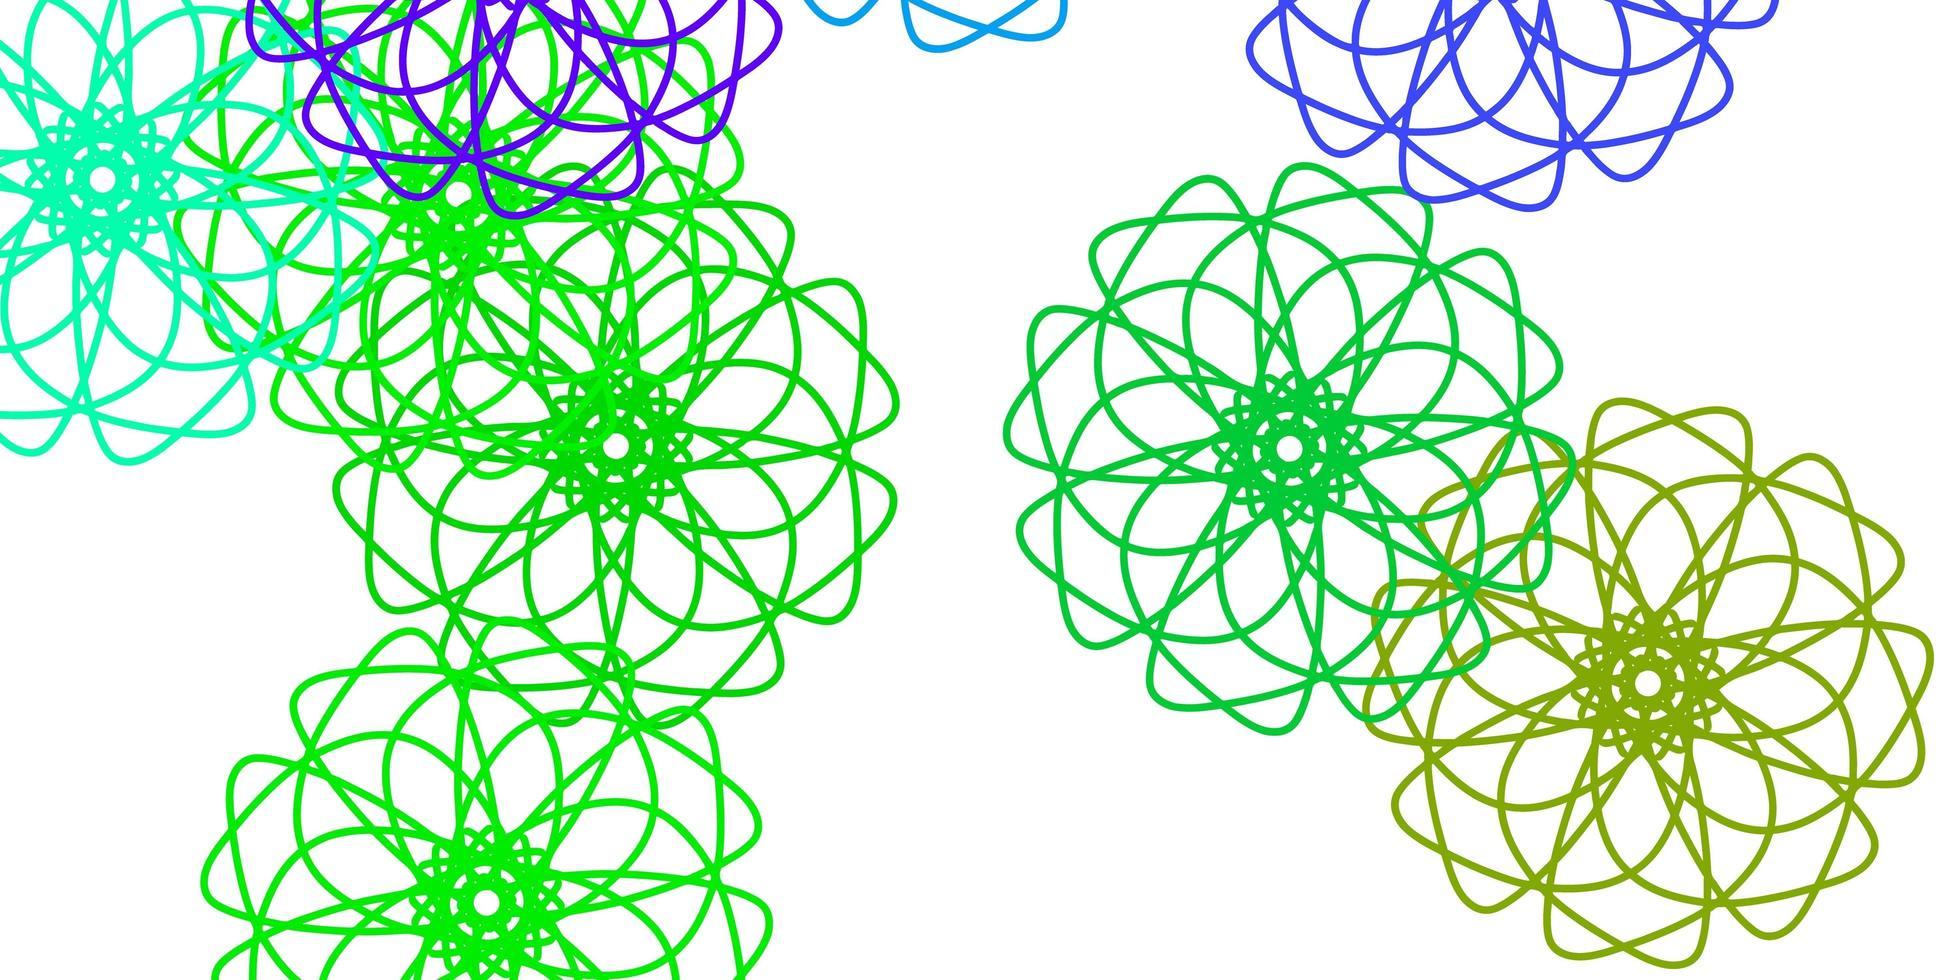 lichtpaars, roze vector doodle textuur met bloemen.